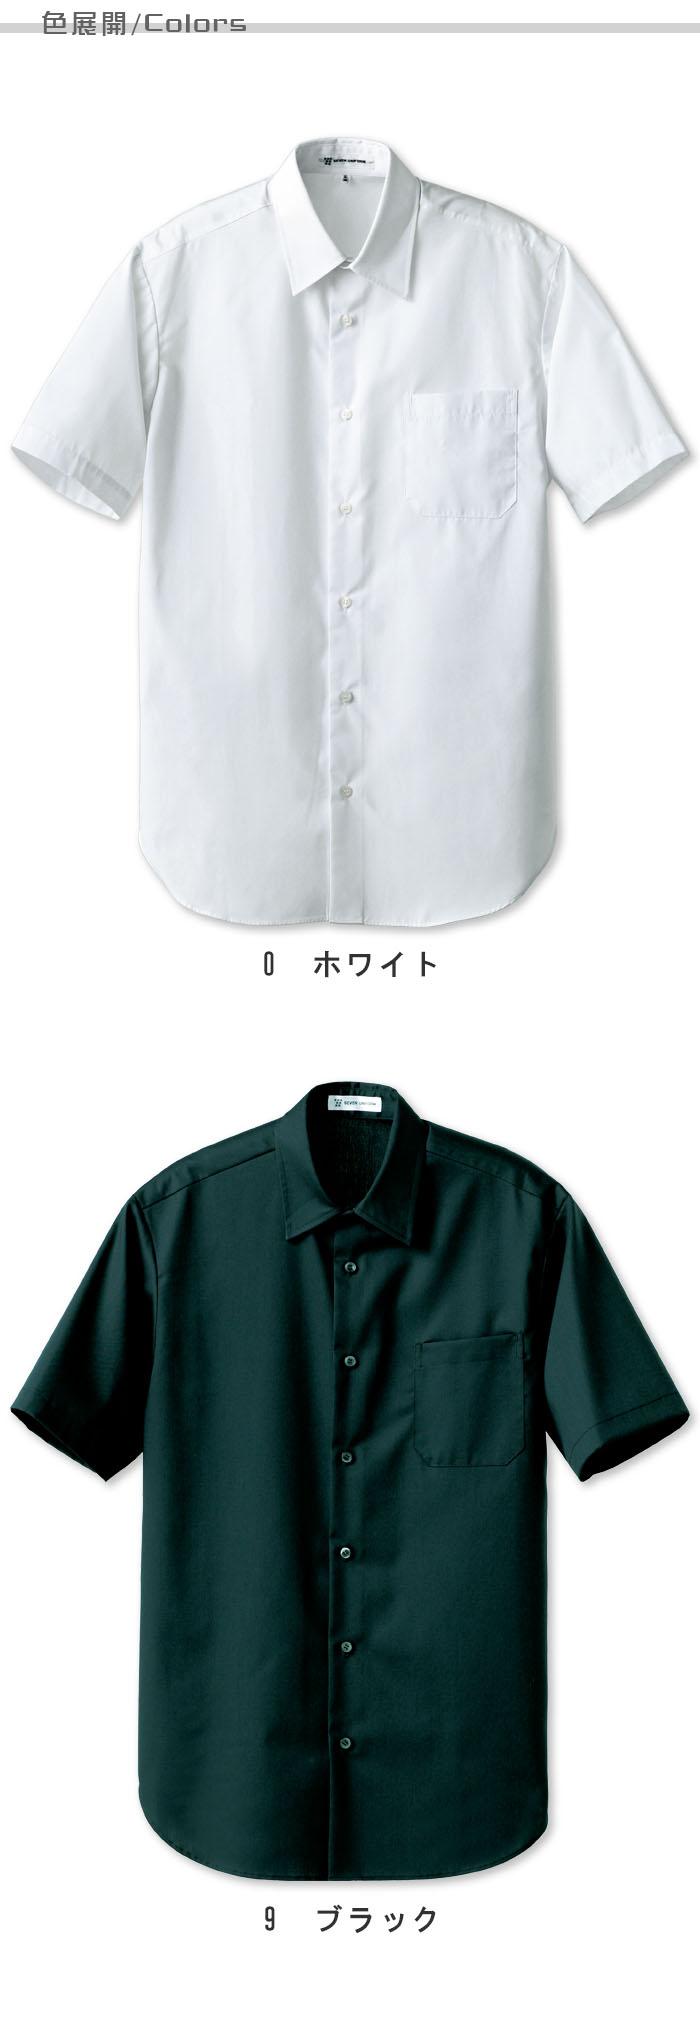 飲食店販売店制服 リーズナブルで厚手素材、6Lサイズまである 半袖シャツ【2色】男性用 商品色展開説明